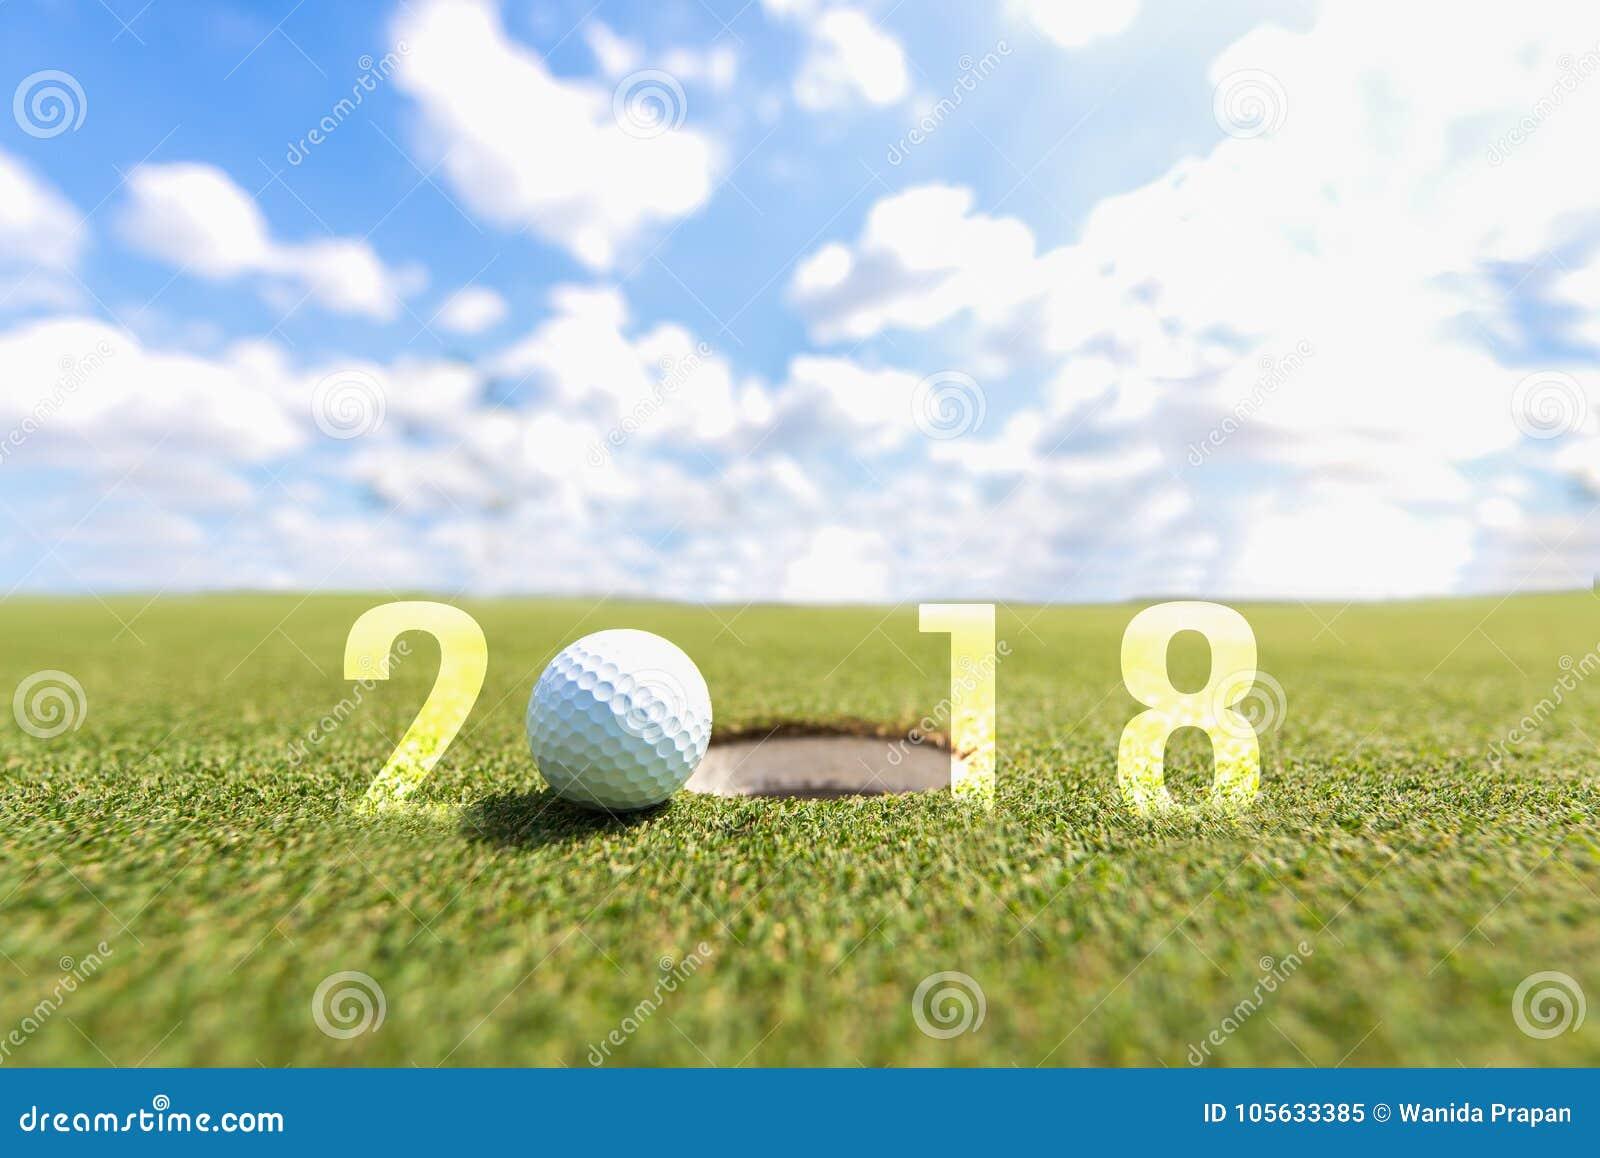 Golfsport-Begriffsbild Guten Rutsch ins Neue Jahr 2018 Golfball auf der grünen Fahrrinne